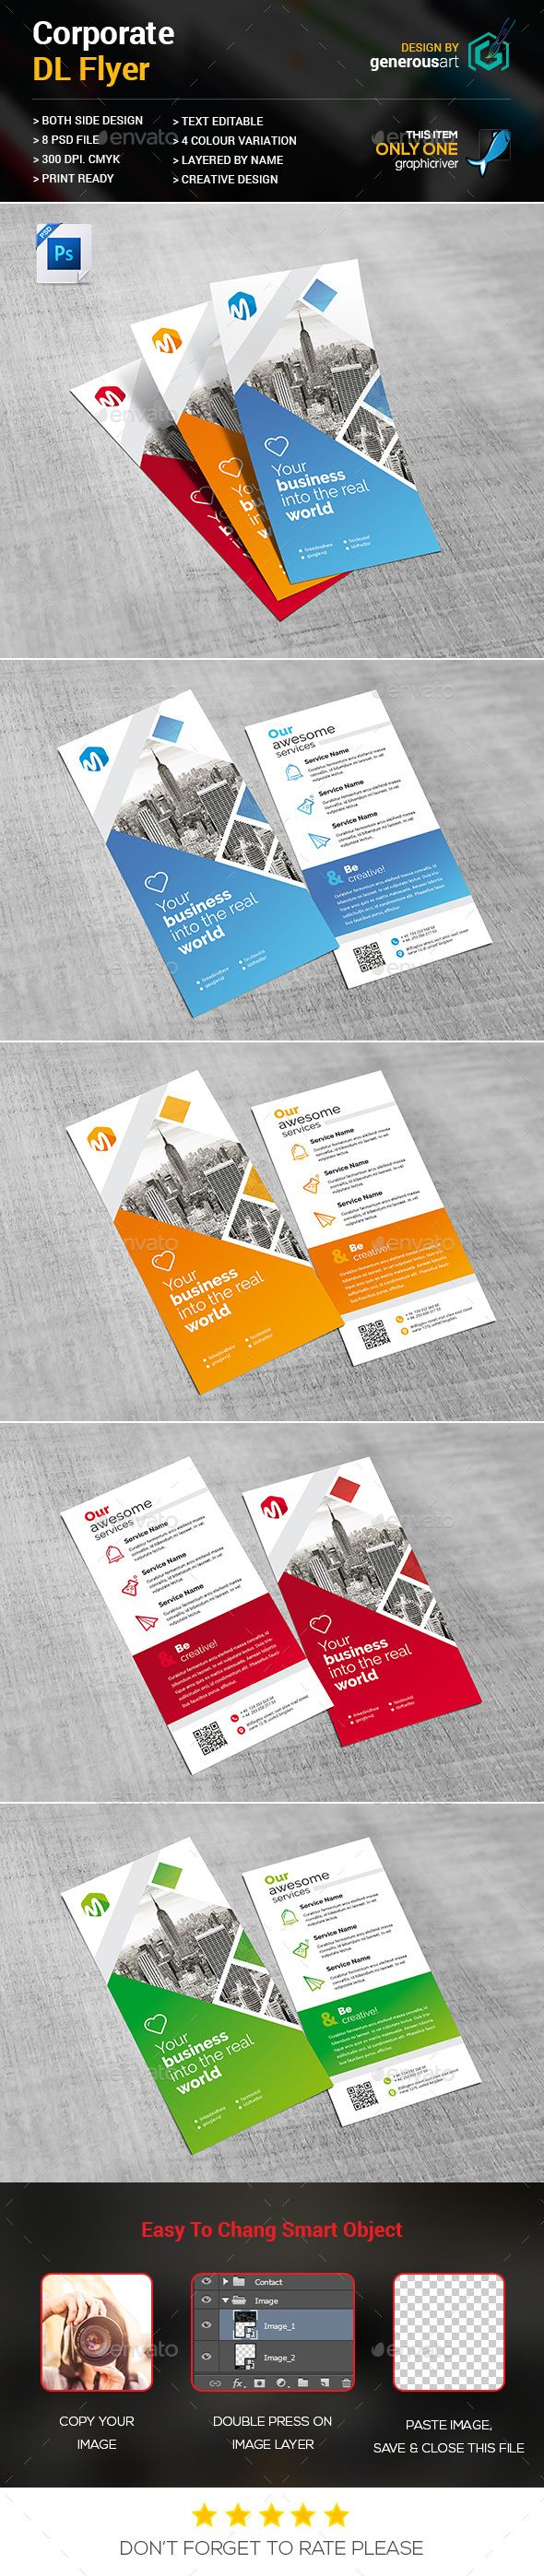 DL Flyer Template PSD | Flyer Templates | Pinterest | Flyer template ...